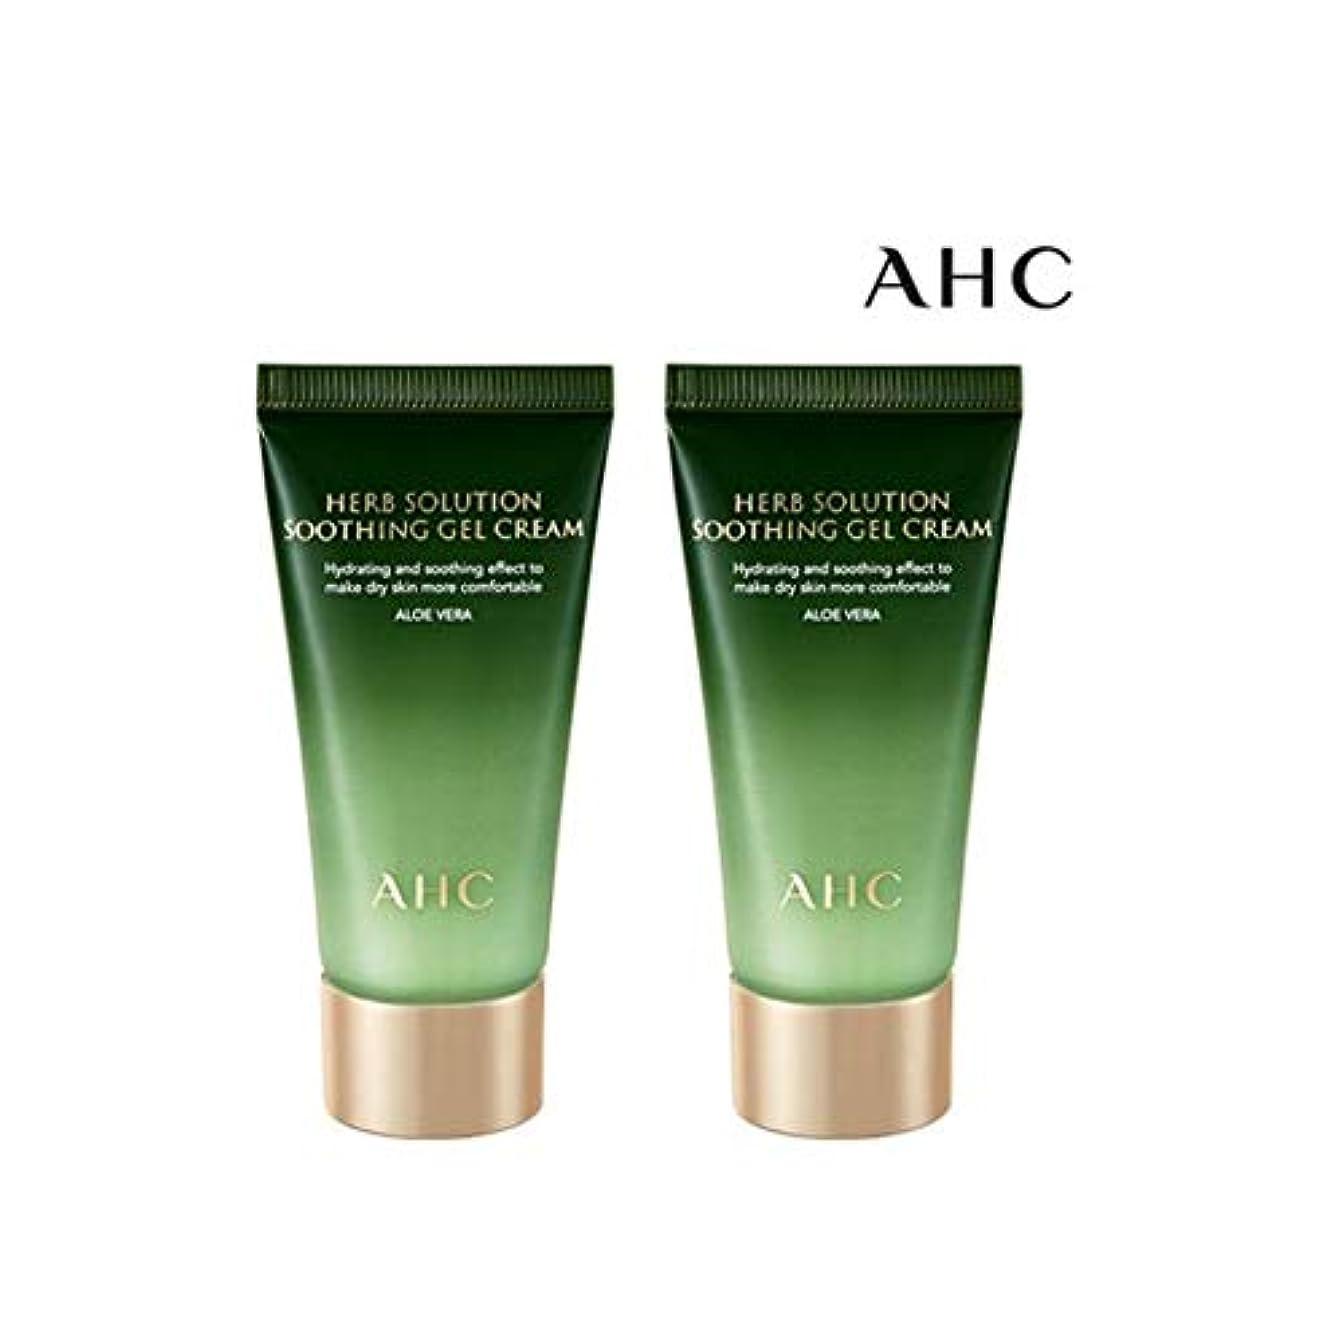 冷える痛み社員AHCハブソリューションアロエベラスージングジェルクリーム50mlx2本セット韓国コスメ、AHC Herb Solution Aloe Vera Soothing Gel Cream 50ml x 2ea Set Korean...